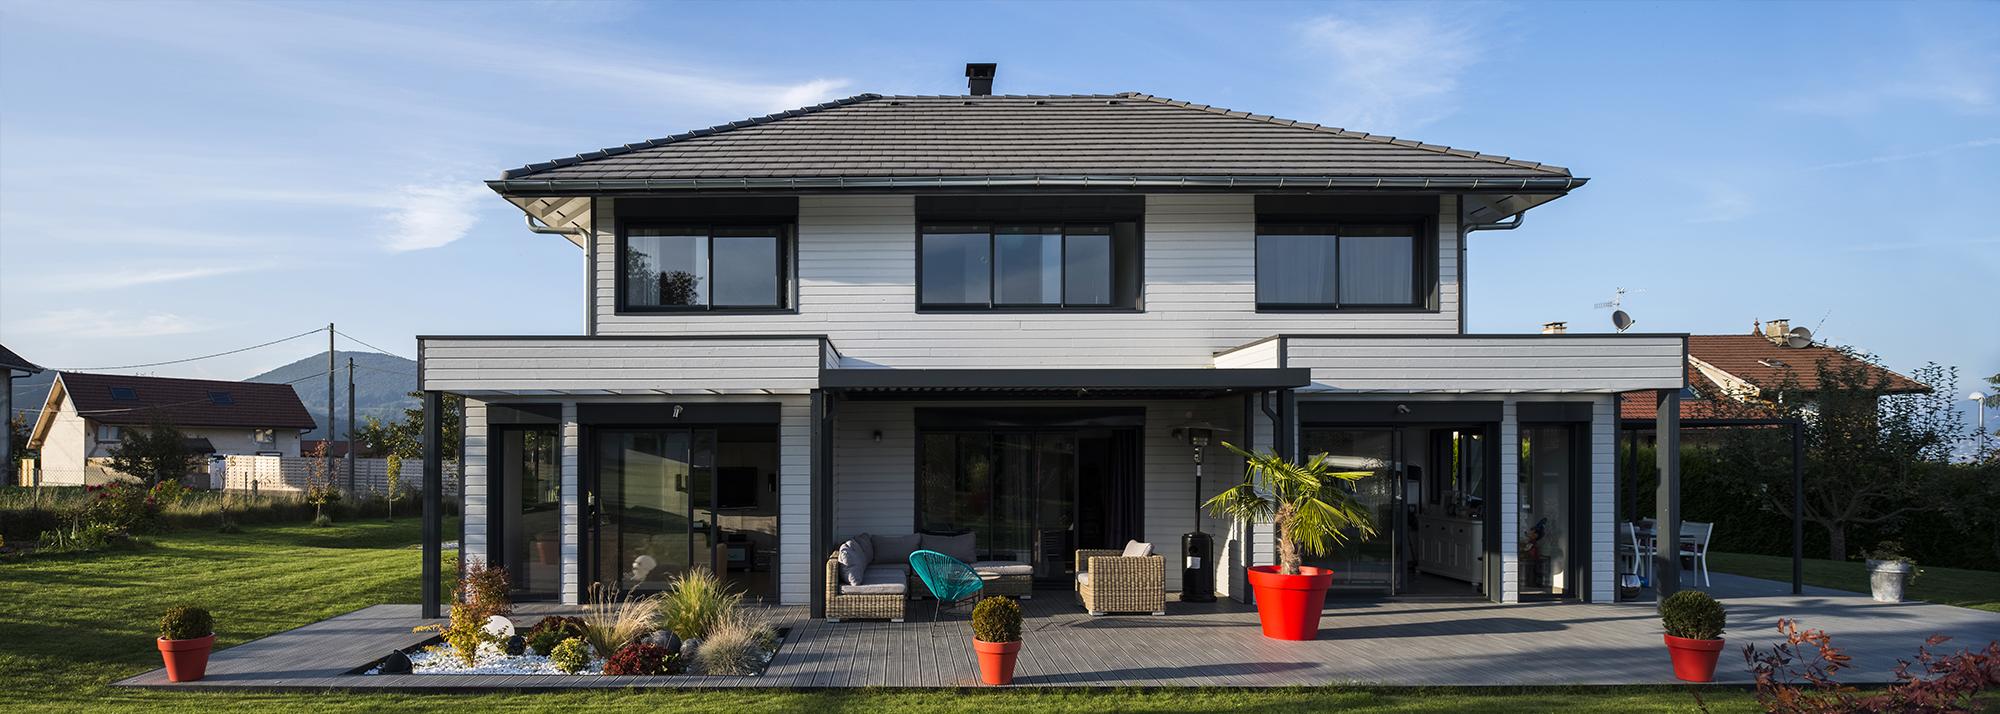 Constructeur maison ossature bois haute savoie - Constructeur maison annecy ...